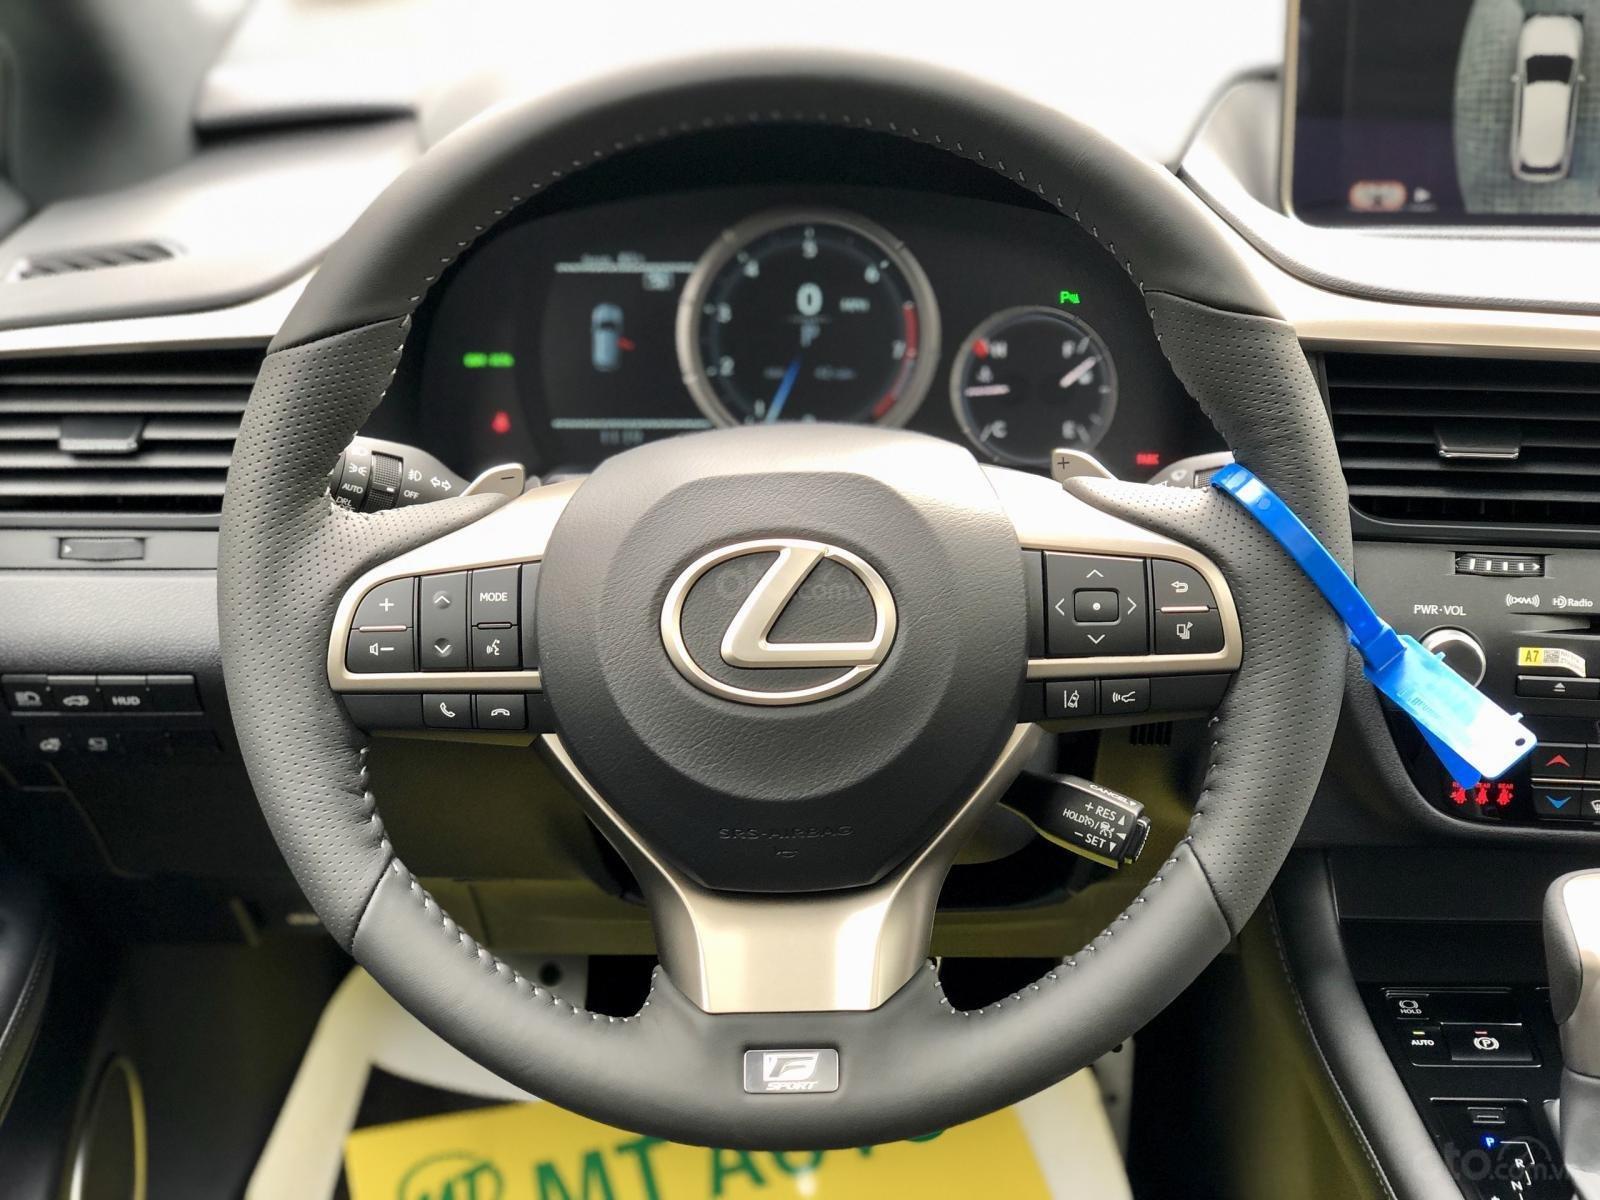 Bán Lexus RX 350 Fsport 2020 màu trắng nhập Mỹ giao ngay toàn quốc LH Ms Hương (5)